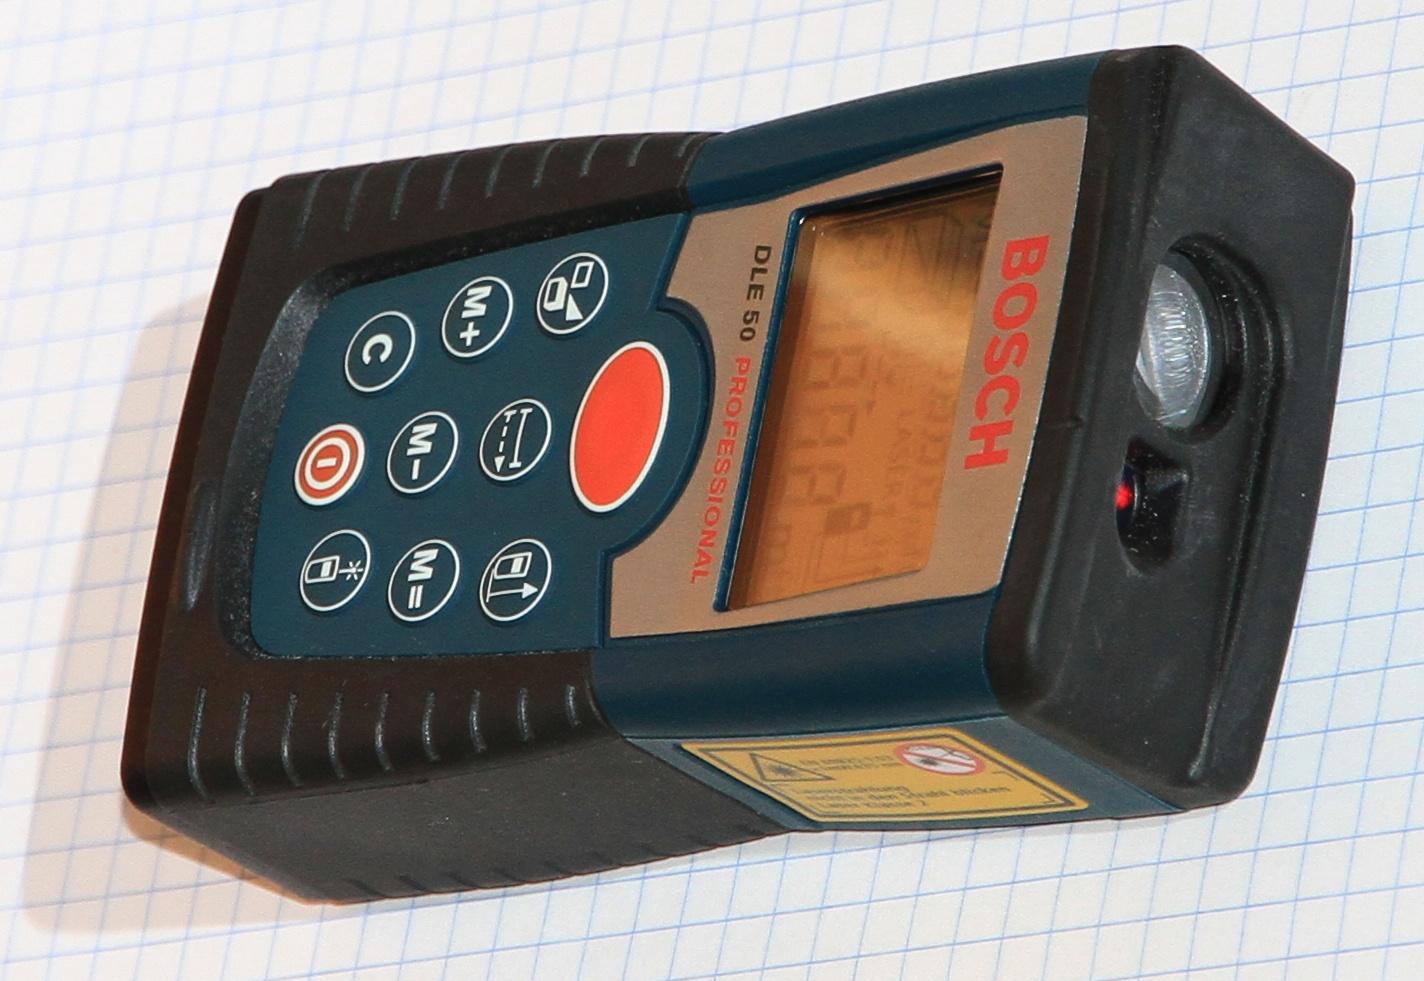 Laser Entfernungsmesser Mieten : Wohnung mit laser distanzmessgerät prüfen entfernungsmesser